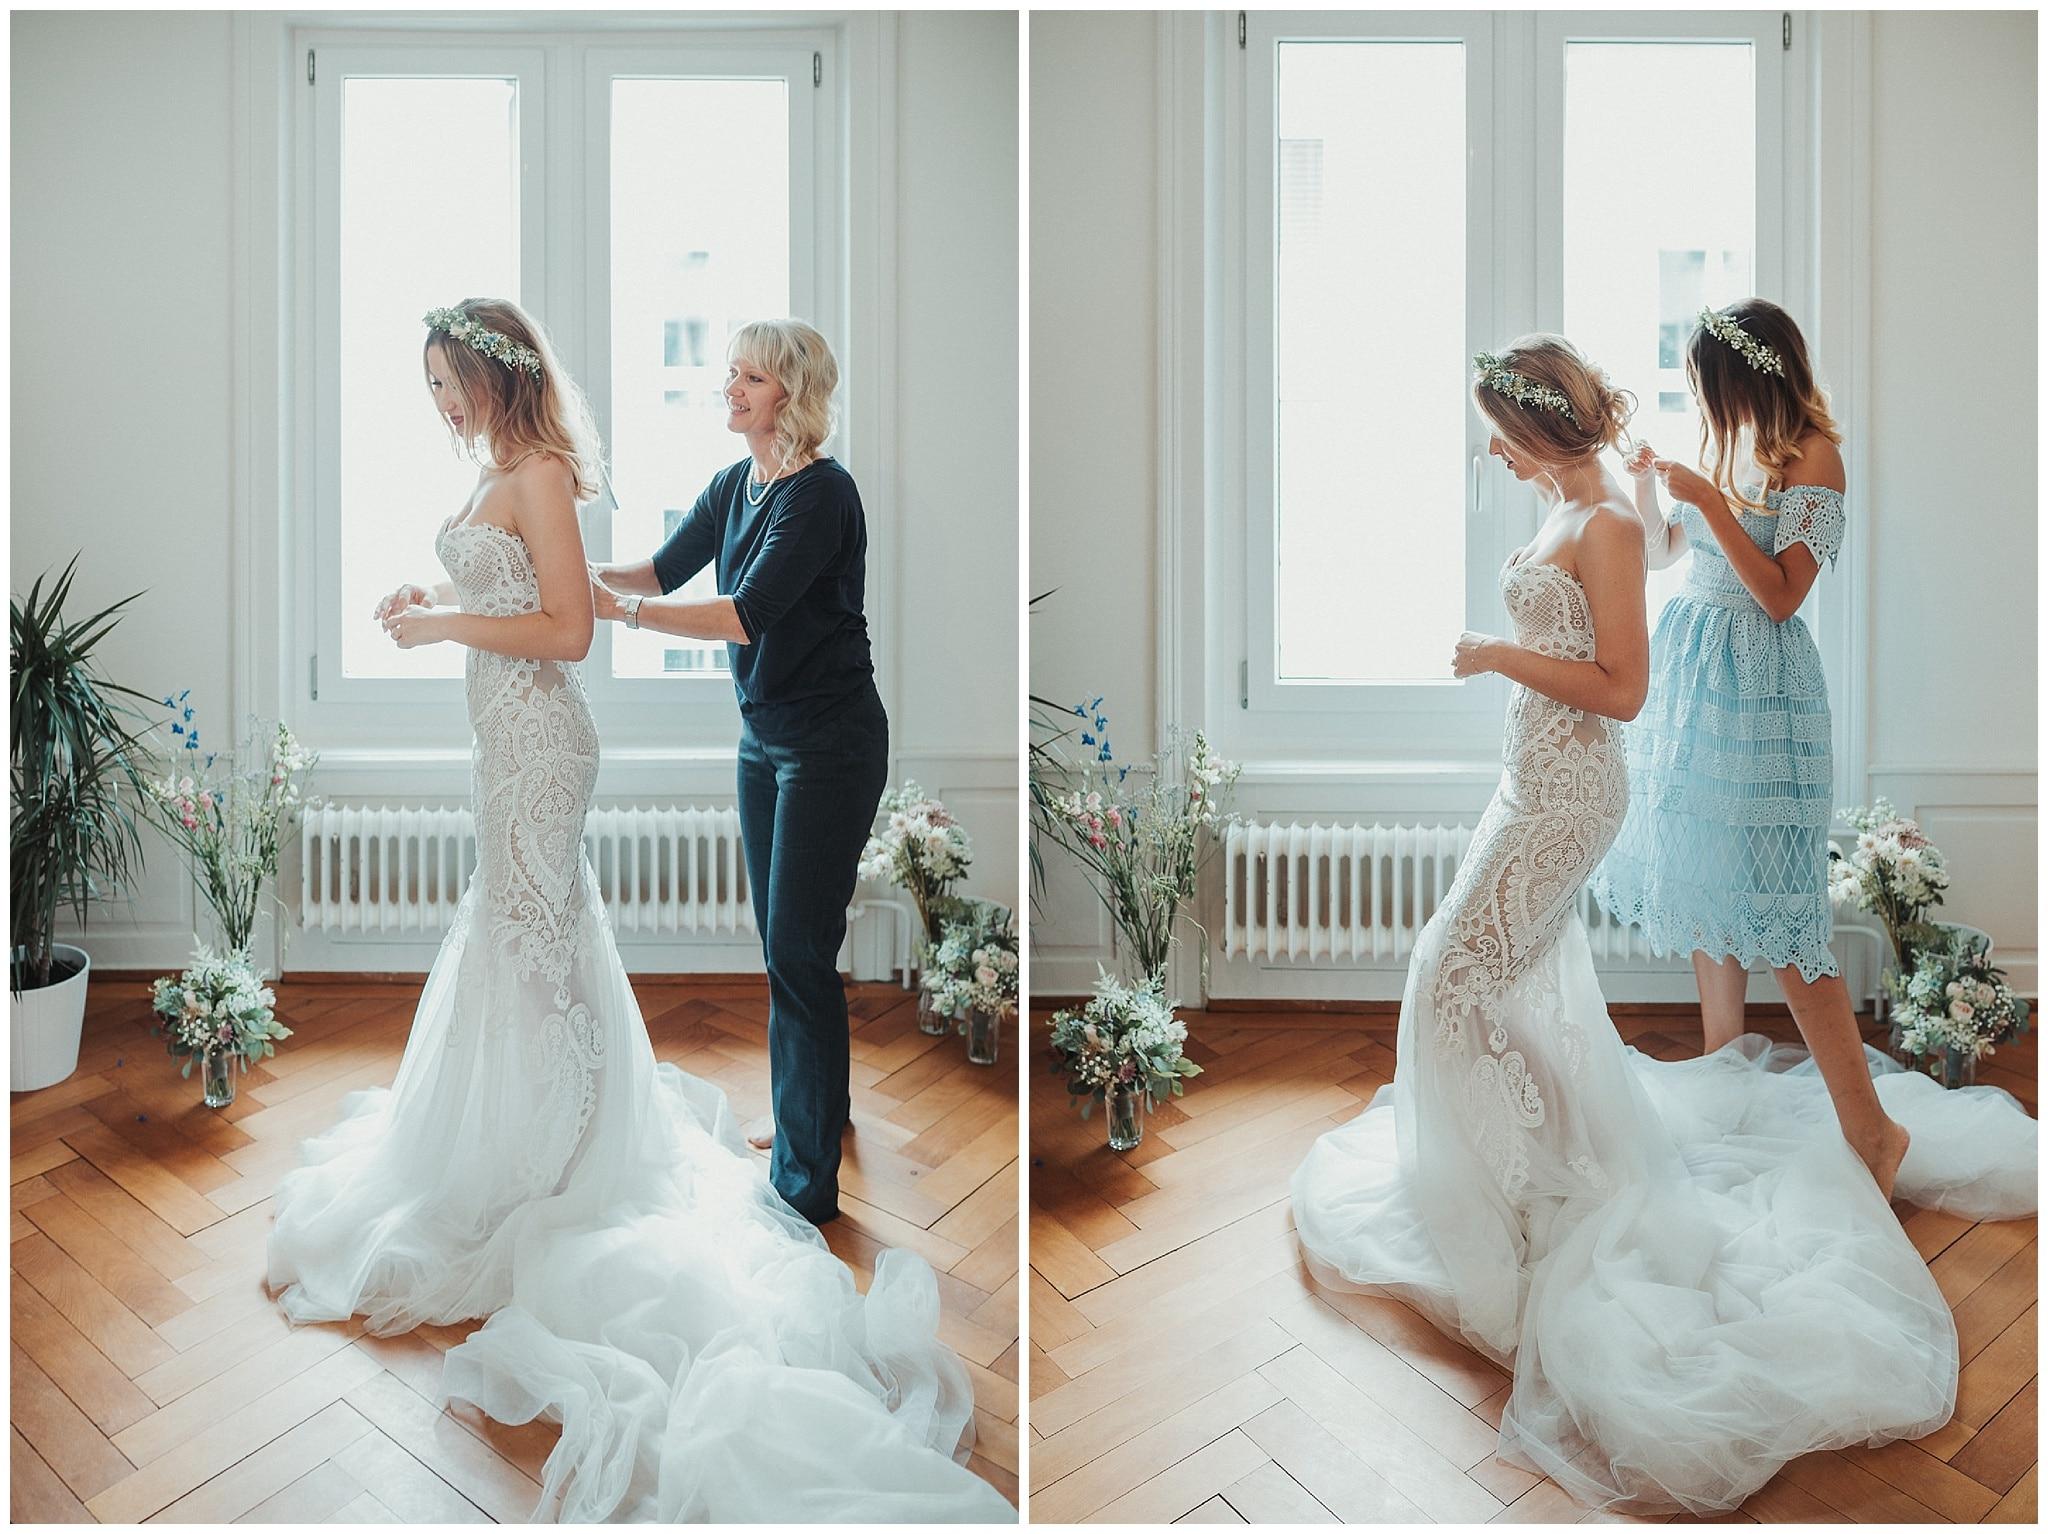 Hochzeitsvorbereitung - Chris Züger Fotografie